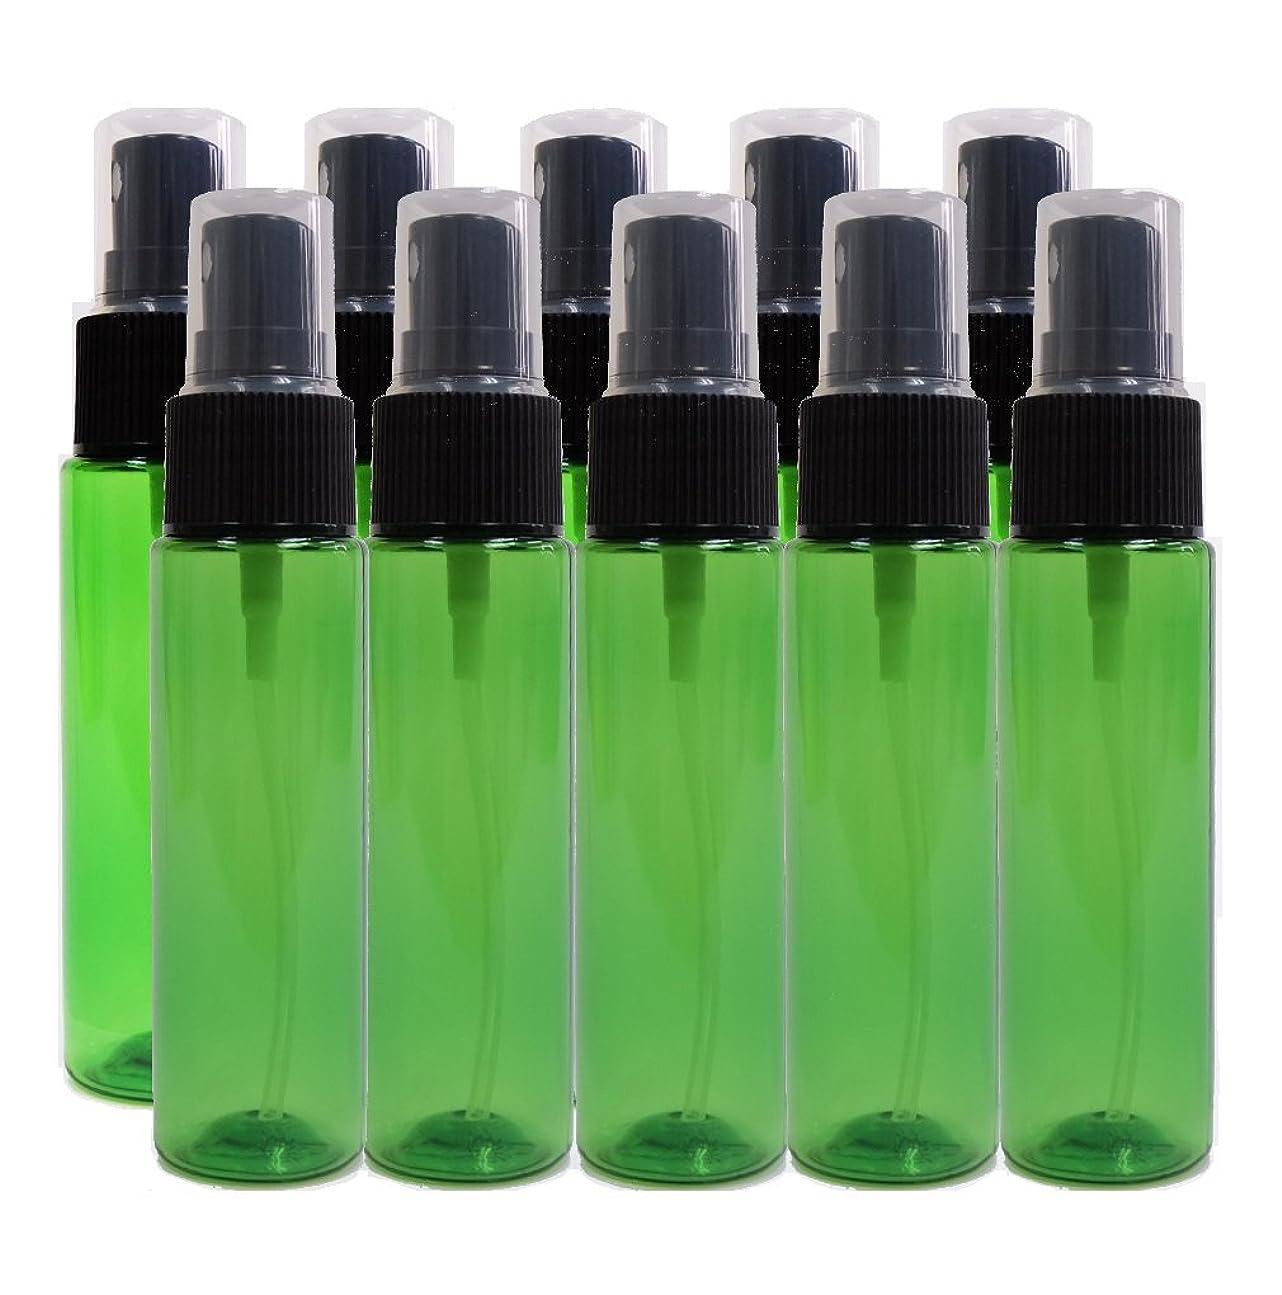 カスタム爆弾レギュラーease 保存容器 スプレータイプ プラスチック 緑色 30ml×10本